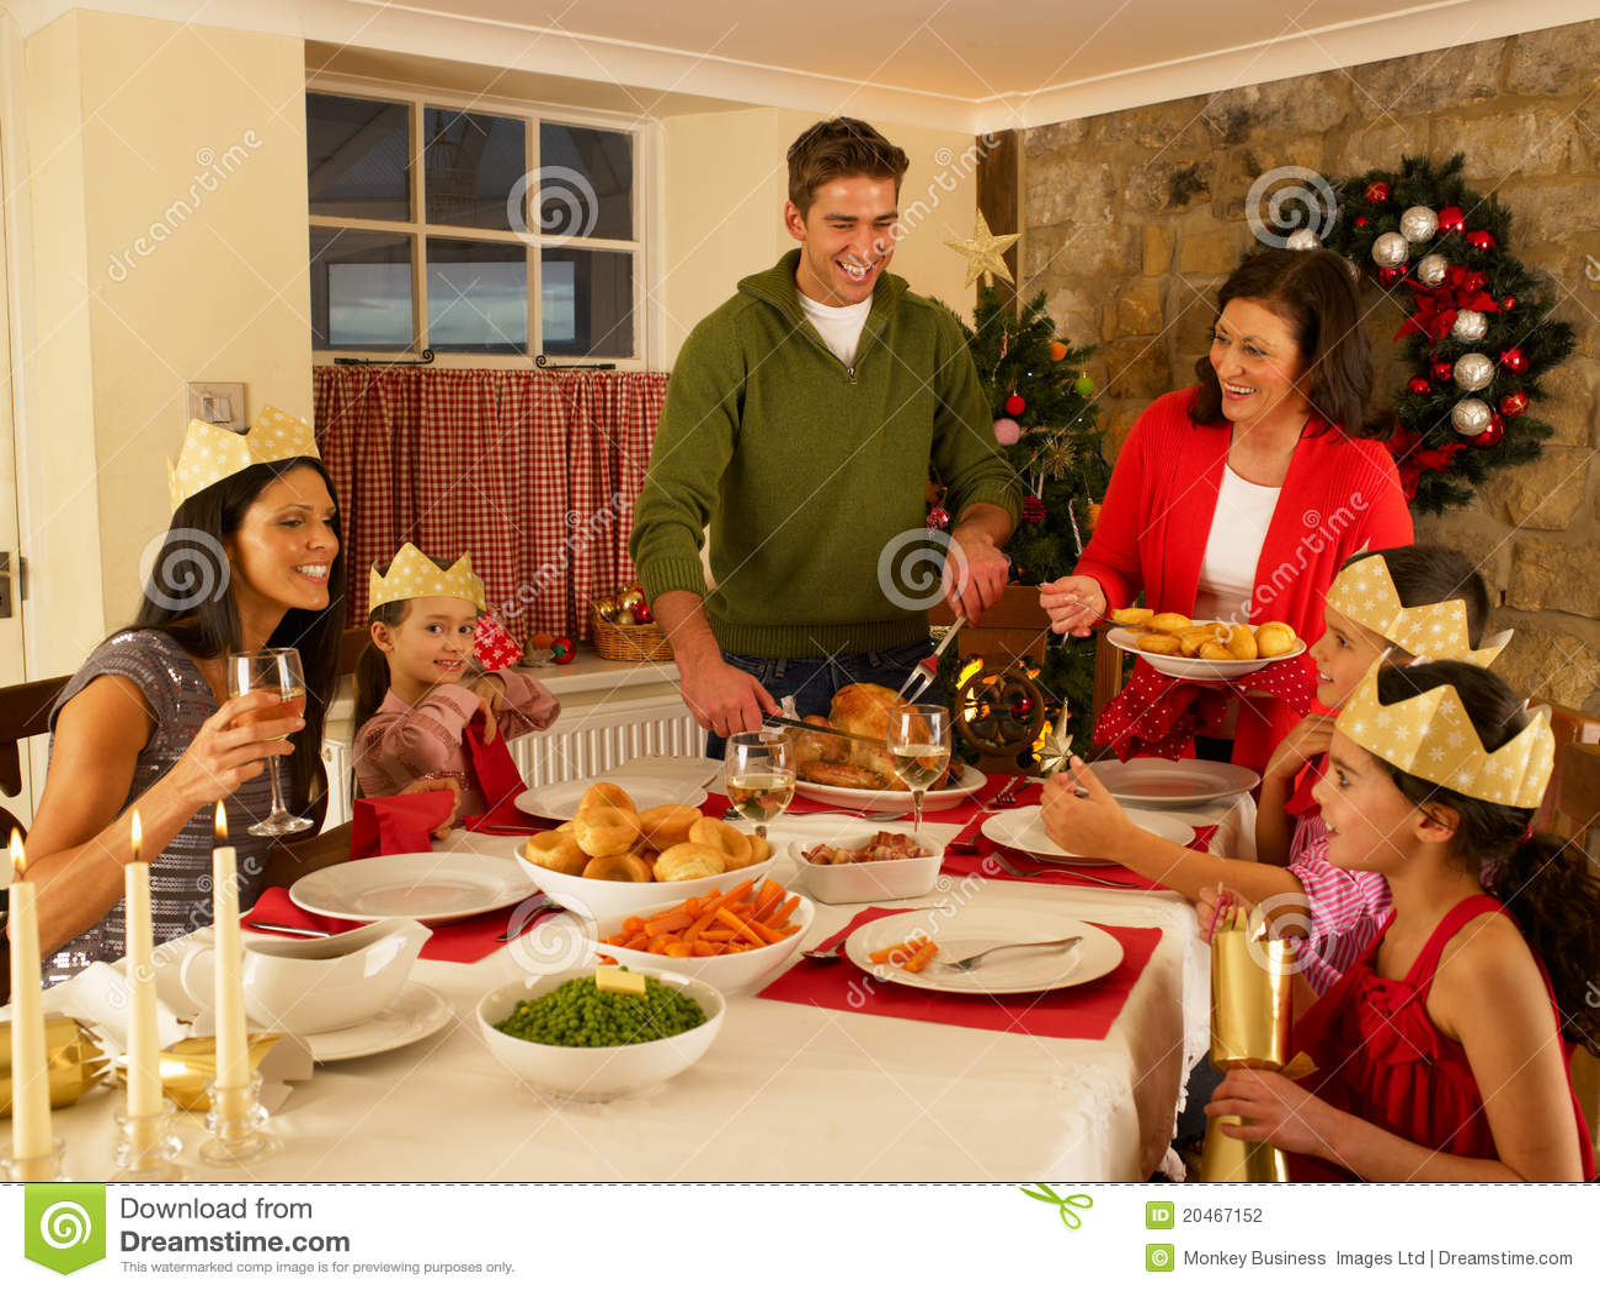 Hispanic Family Serving Christmas Dinner Stock Photography